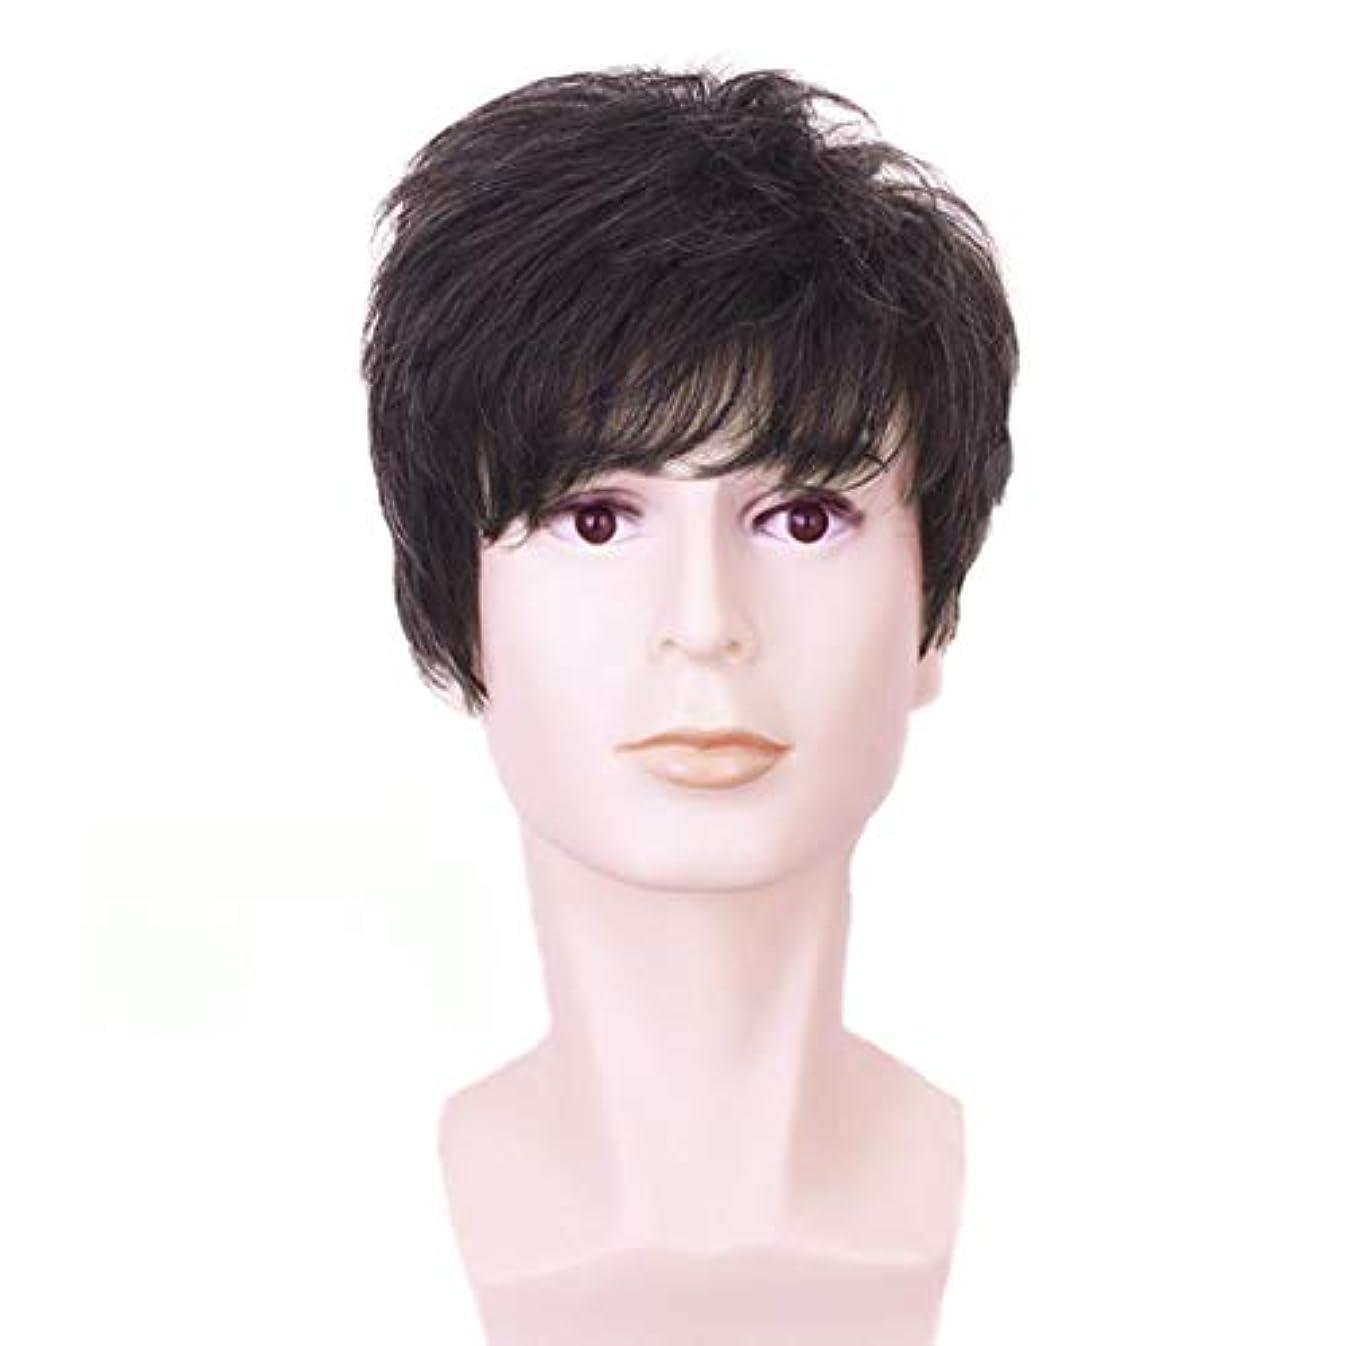 クランシー単調な強調するYOUQIU メンズ男性ガイウィッグショートレイヤー波状ハロウィンコスプレパーティーの髪10